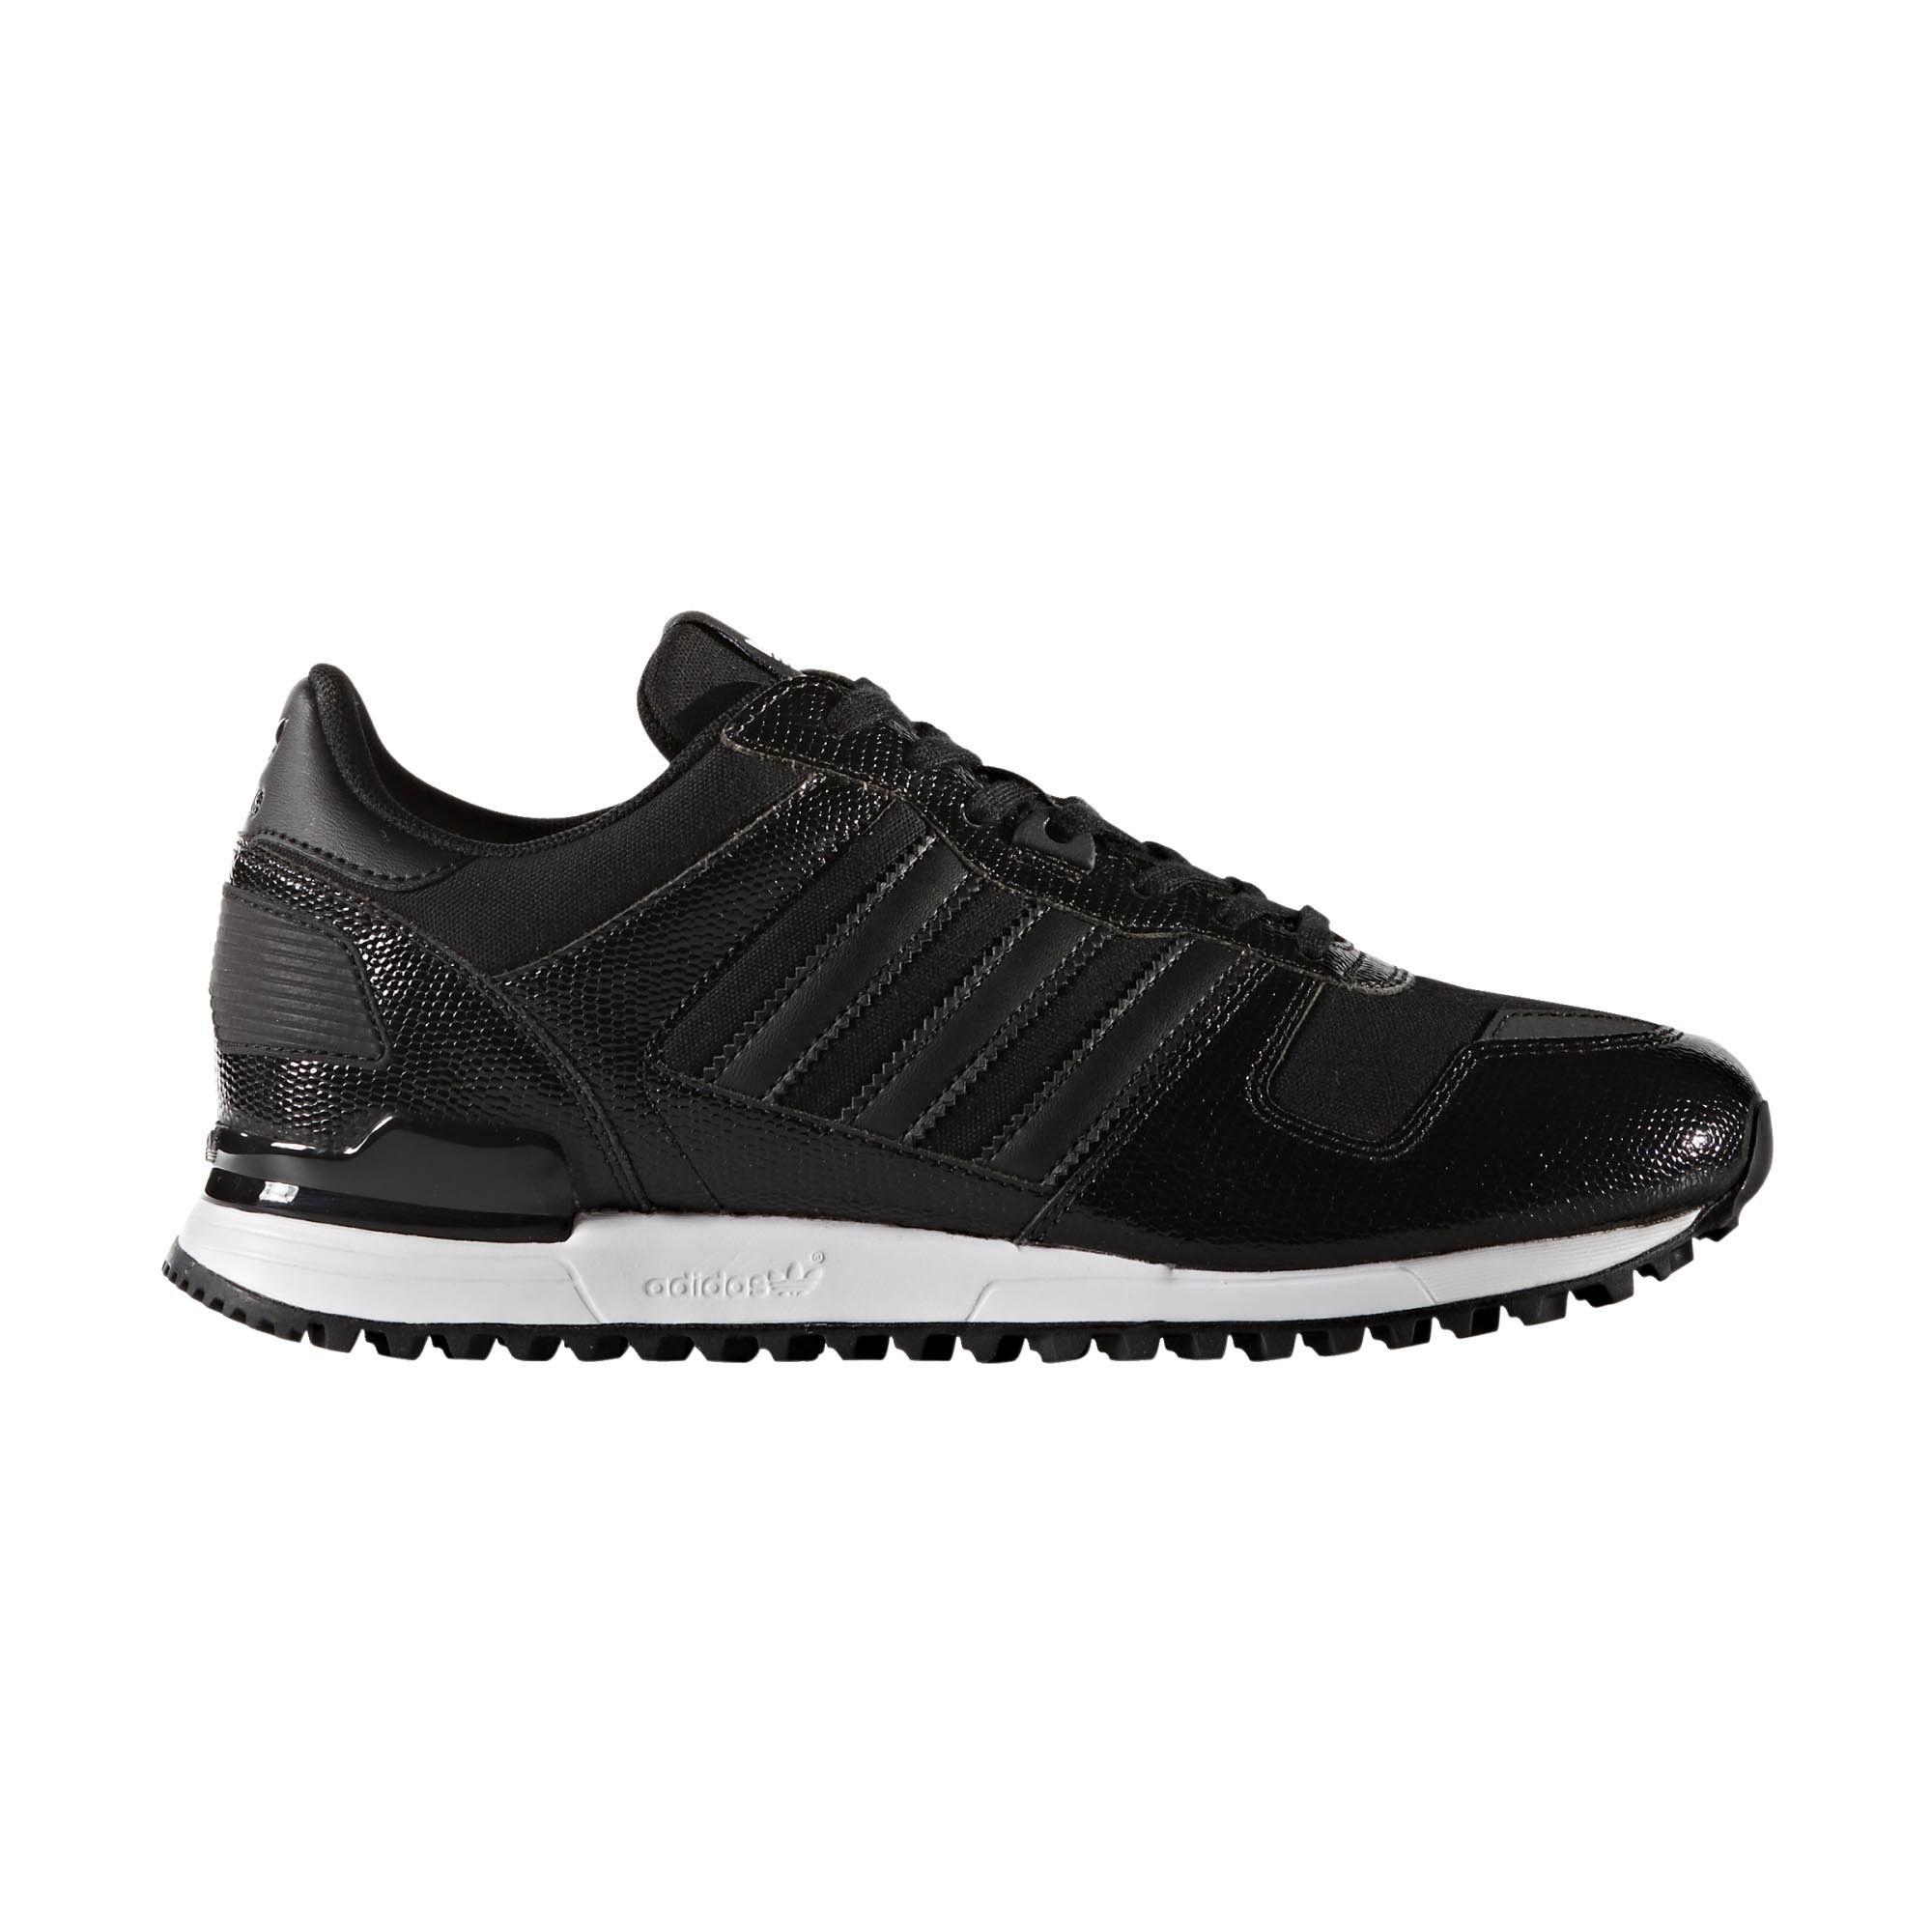 adidas zx 700 w dames zwart